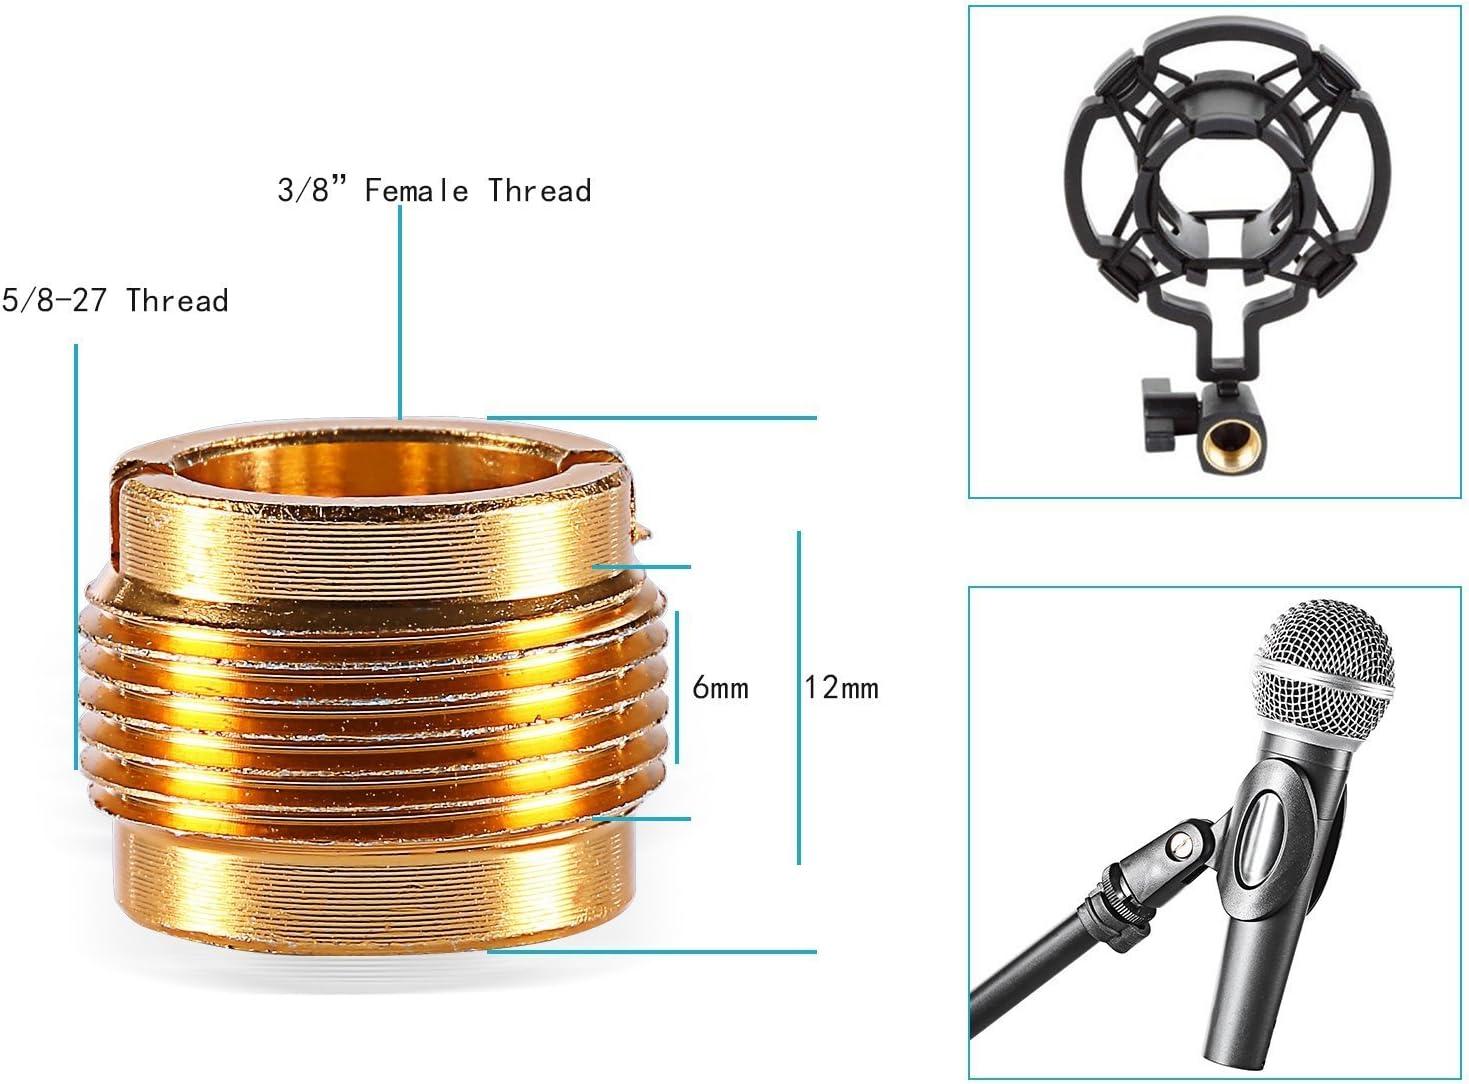 Racksoy Universal Mikrofon Clip Klemme Handgriff Mikrofonhalterung mit 5//8 auf 3//8 Gewinde Nu/ß Adapter Geeignet f/ür SM57//SM58 oder Standard Drahte Mic.